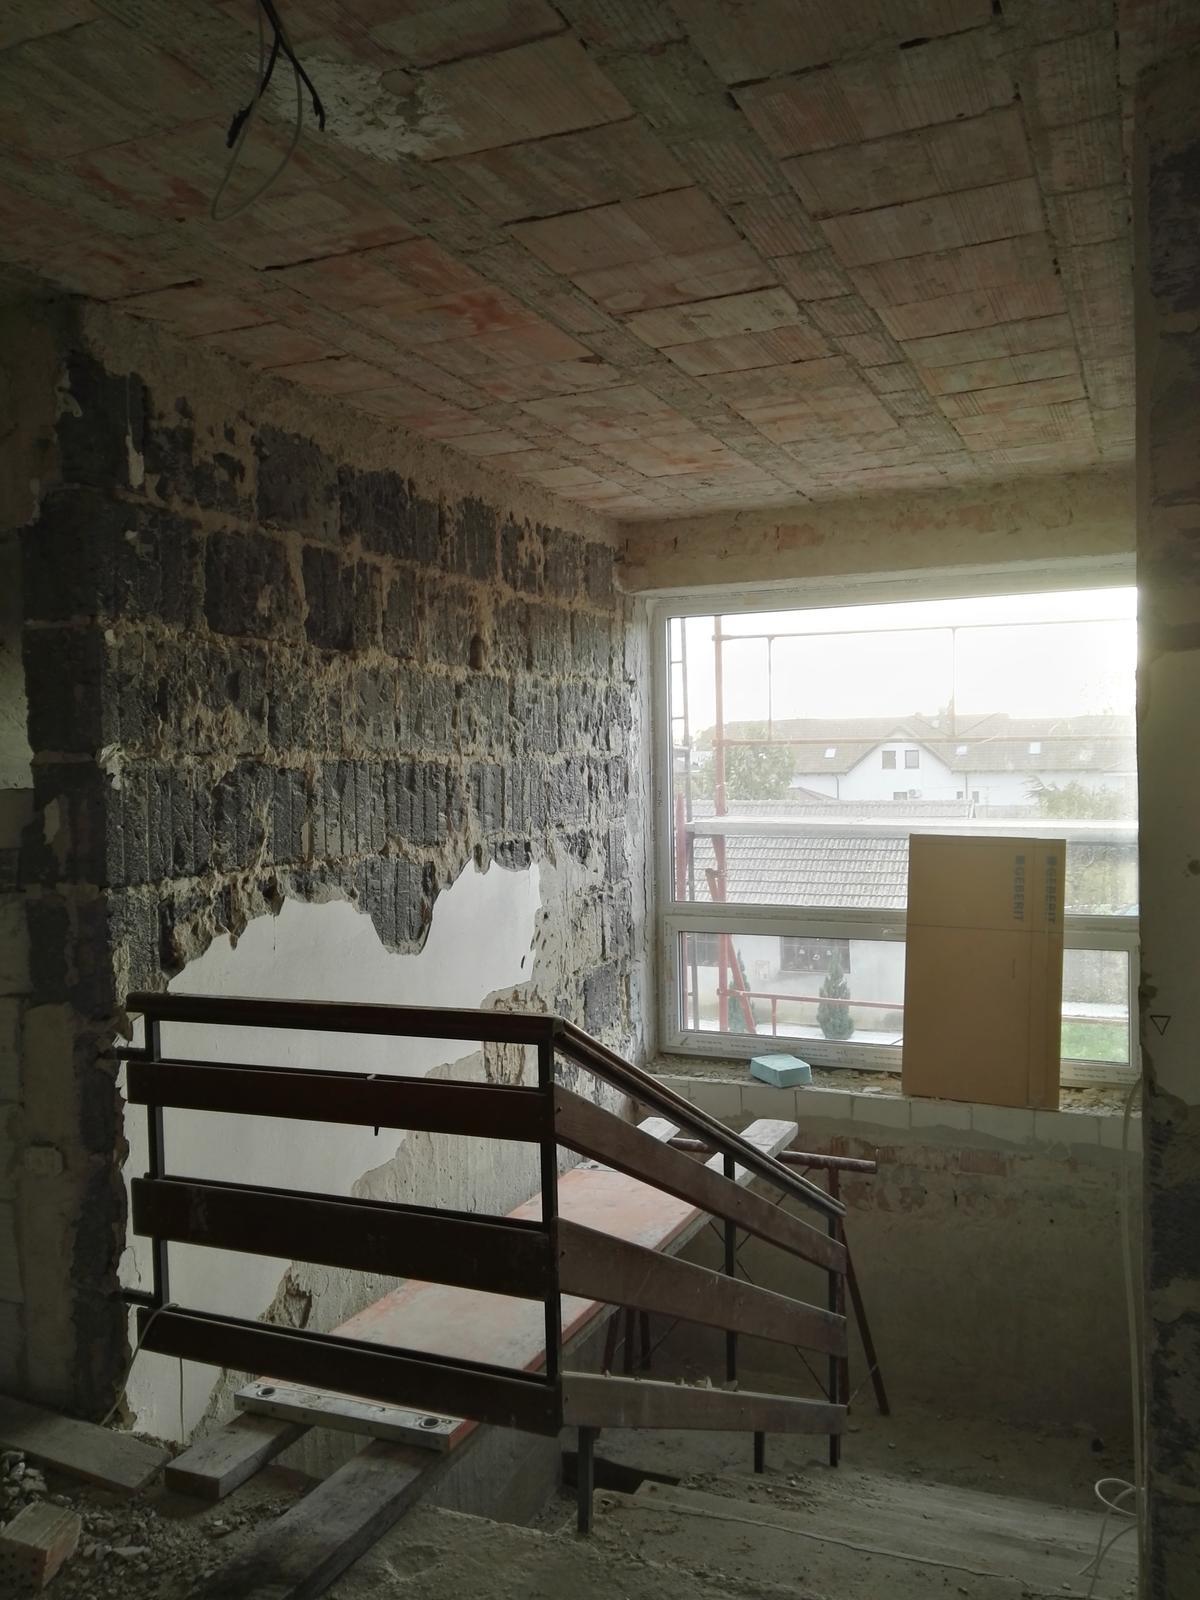 Rekonstrukcia RD - Klesame do bezpecnejsich nadmorskych vysok